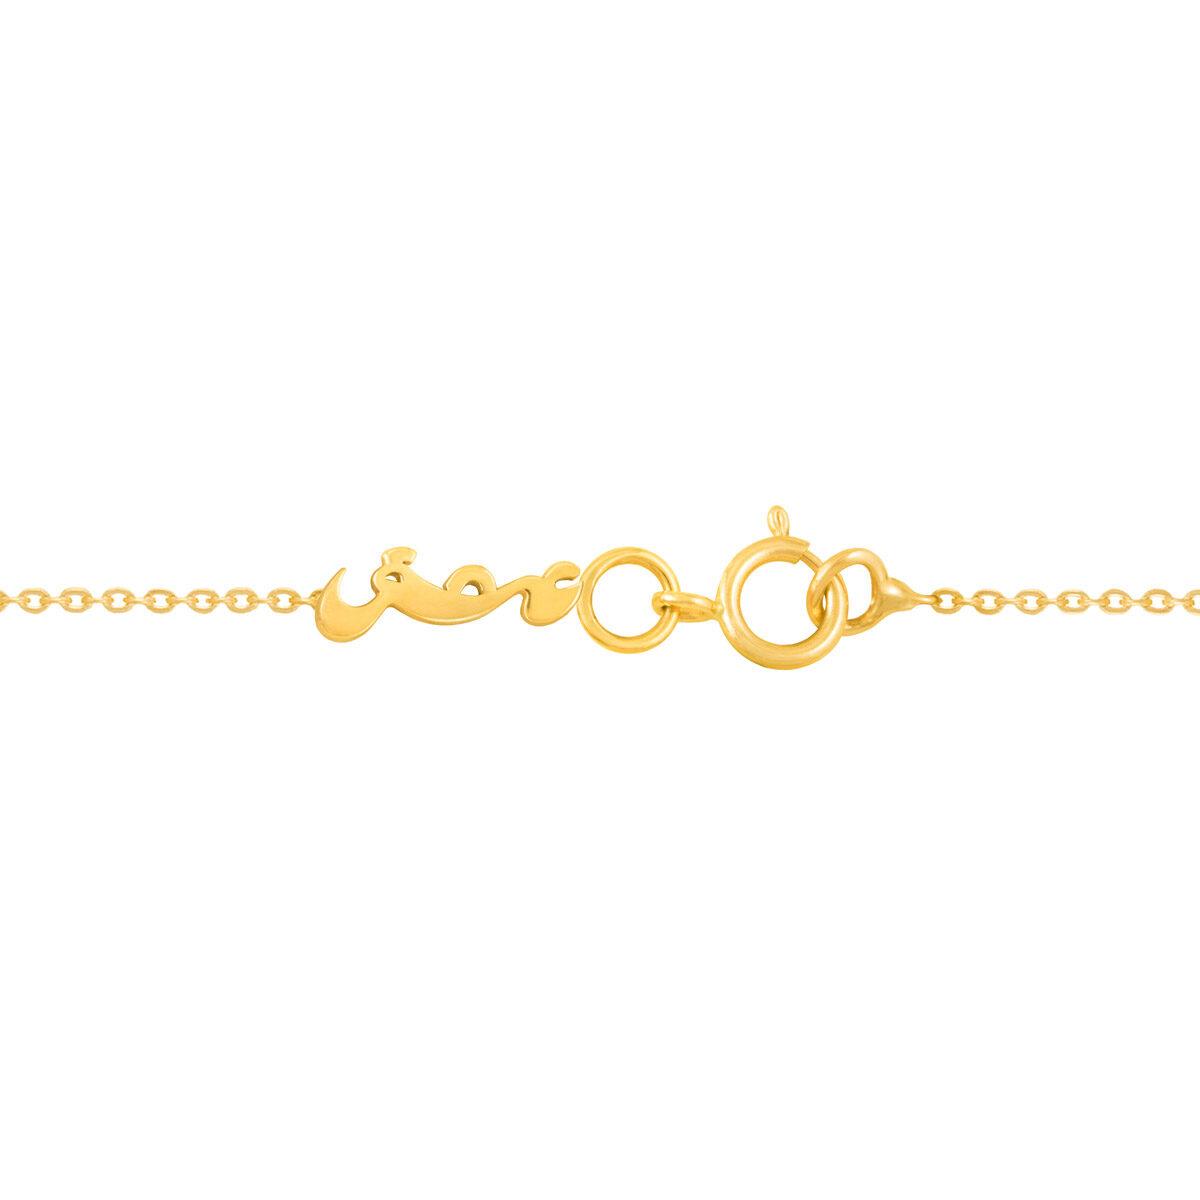 گردنبند طلا آشیما بلند |parasteh